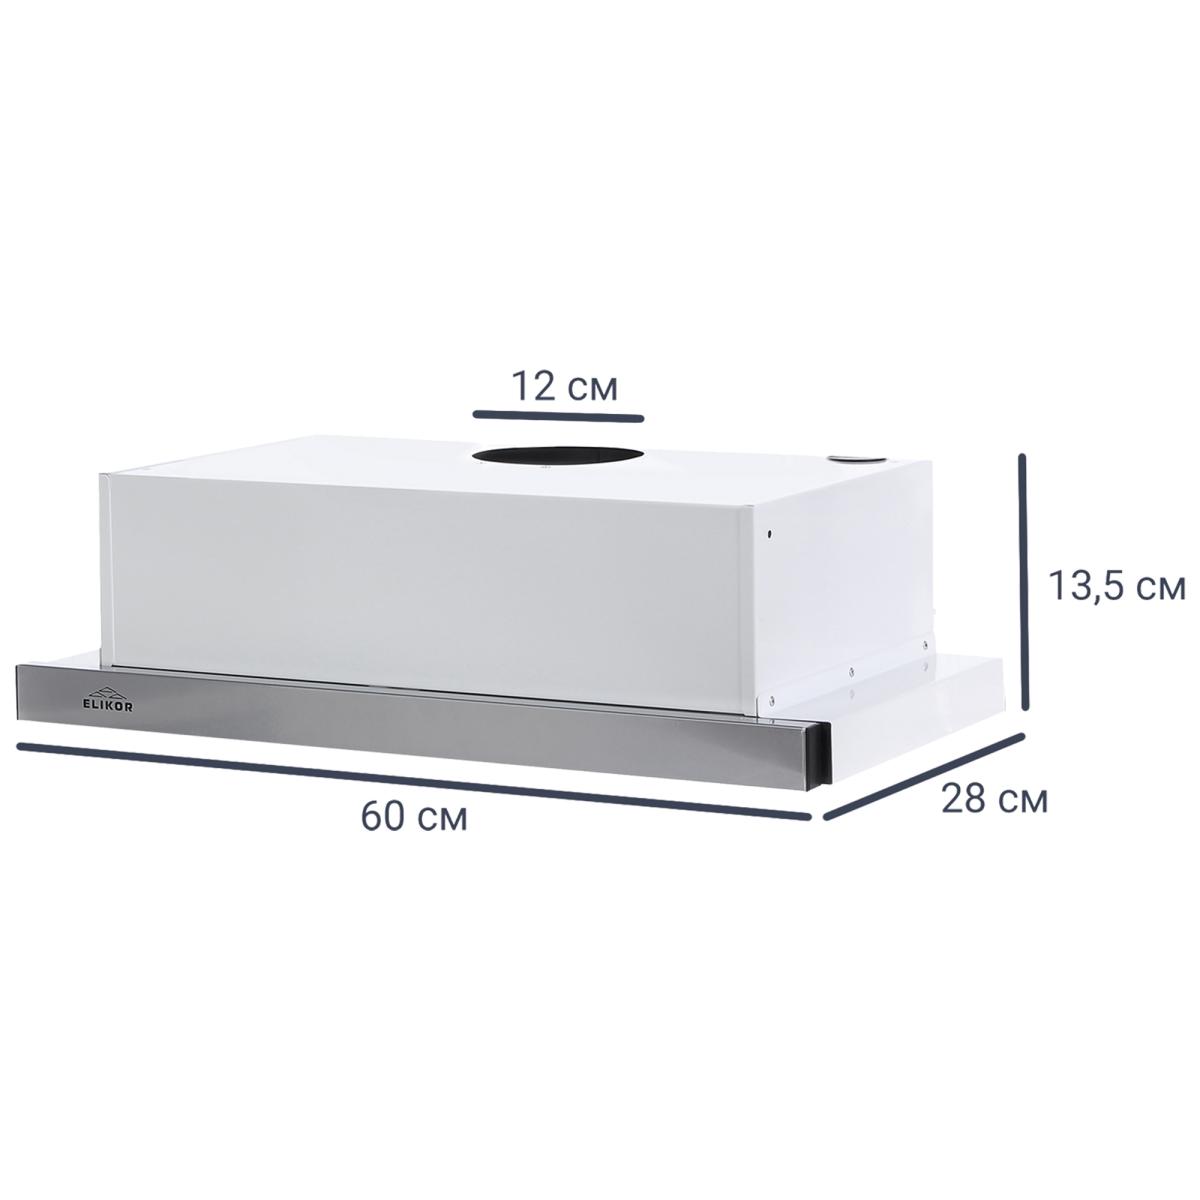 Вытяжка встраиваемая ELIKOR Line 60 см цвет белый/хром